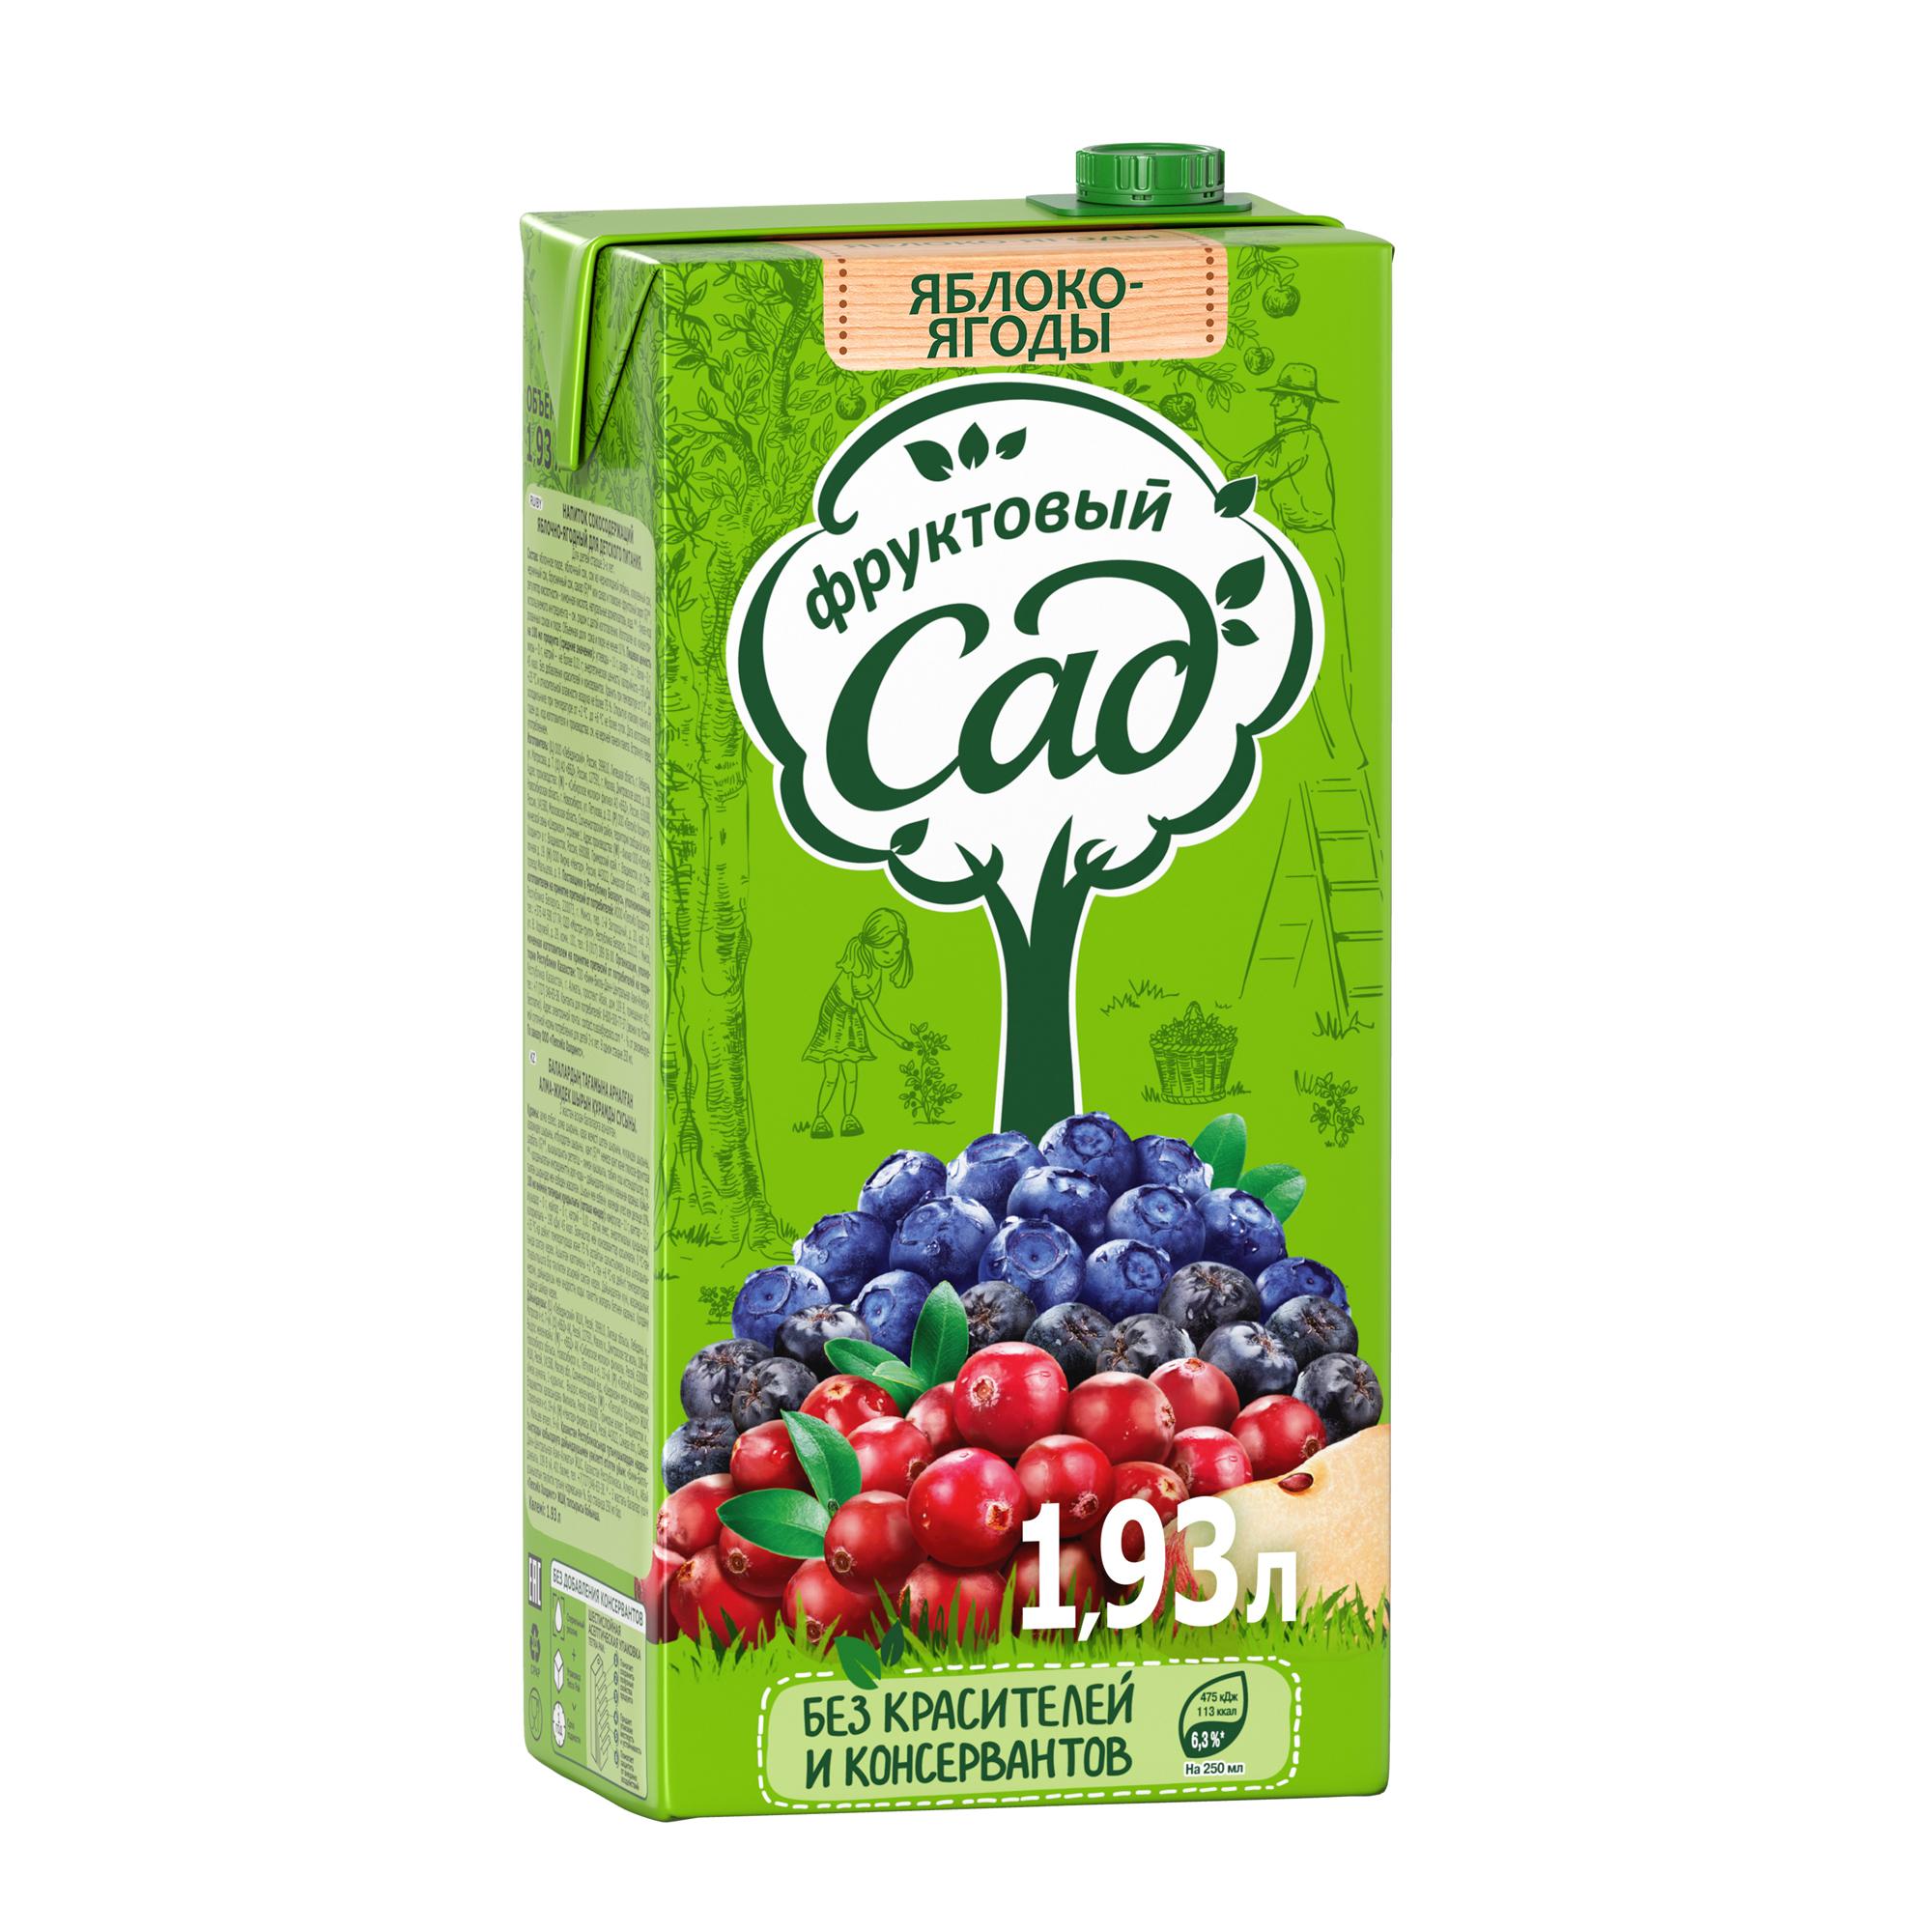 Напиток сокосодержащий Фруктовый Сад Яблоко-Ягоды 1,93 л